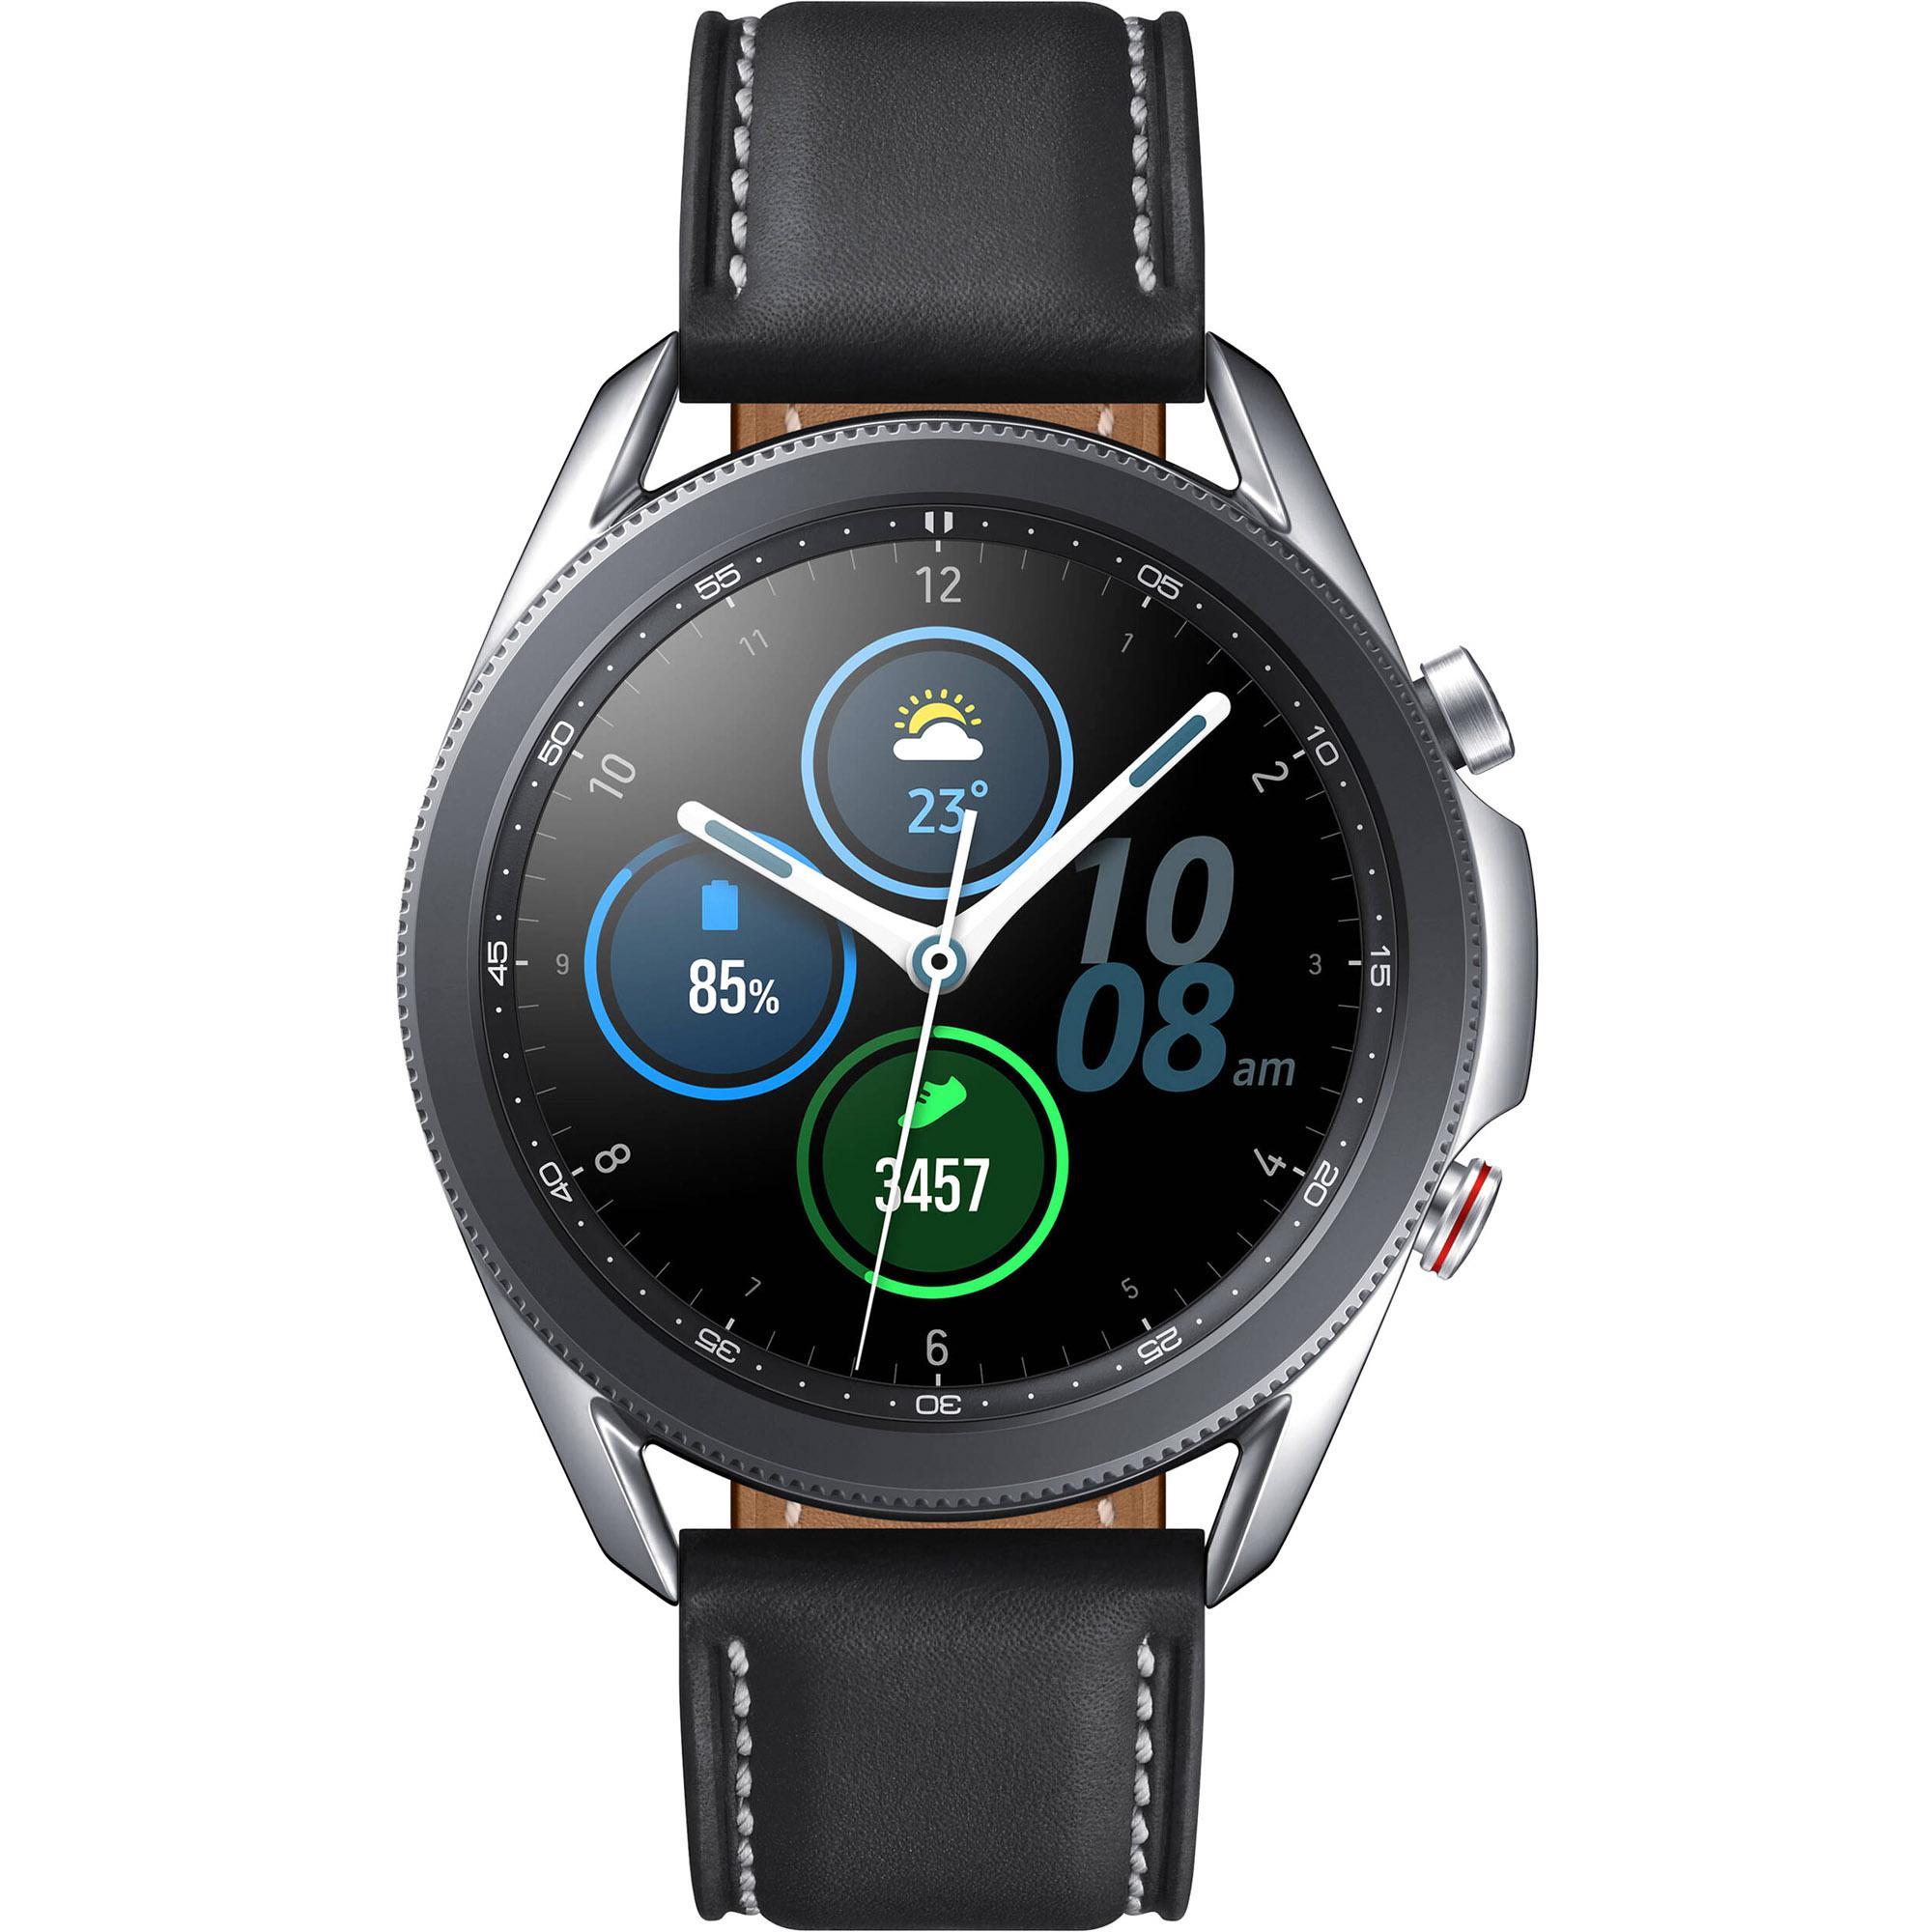 Фото - Смарт-часы Samsung Galaxy Watch3 45 мм (SM-R840NZSACIS) Серебро printio чехол для samsung galaxy s7 edge объёмная печать портрет королевы эльфов в ярких красках